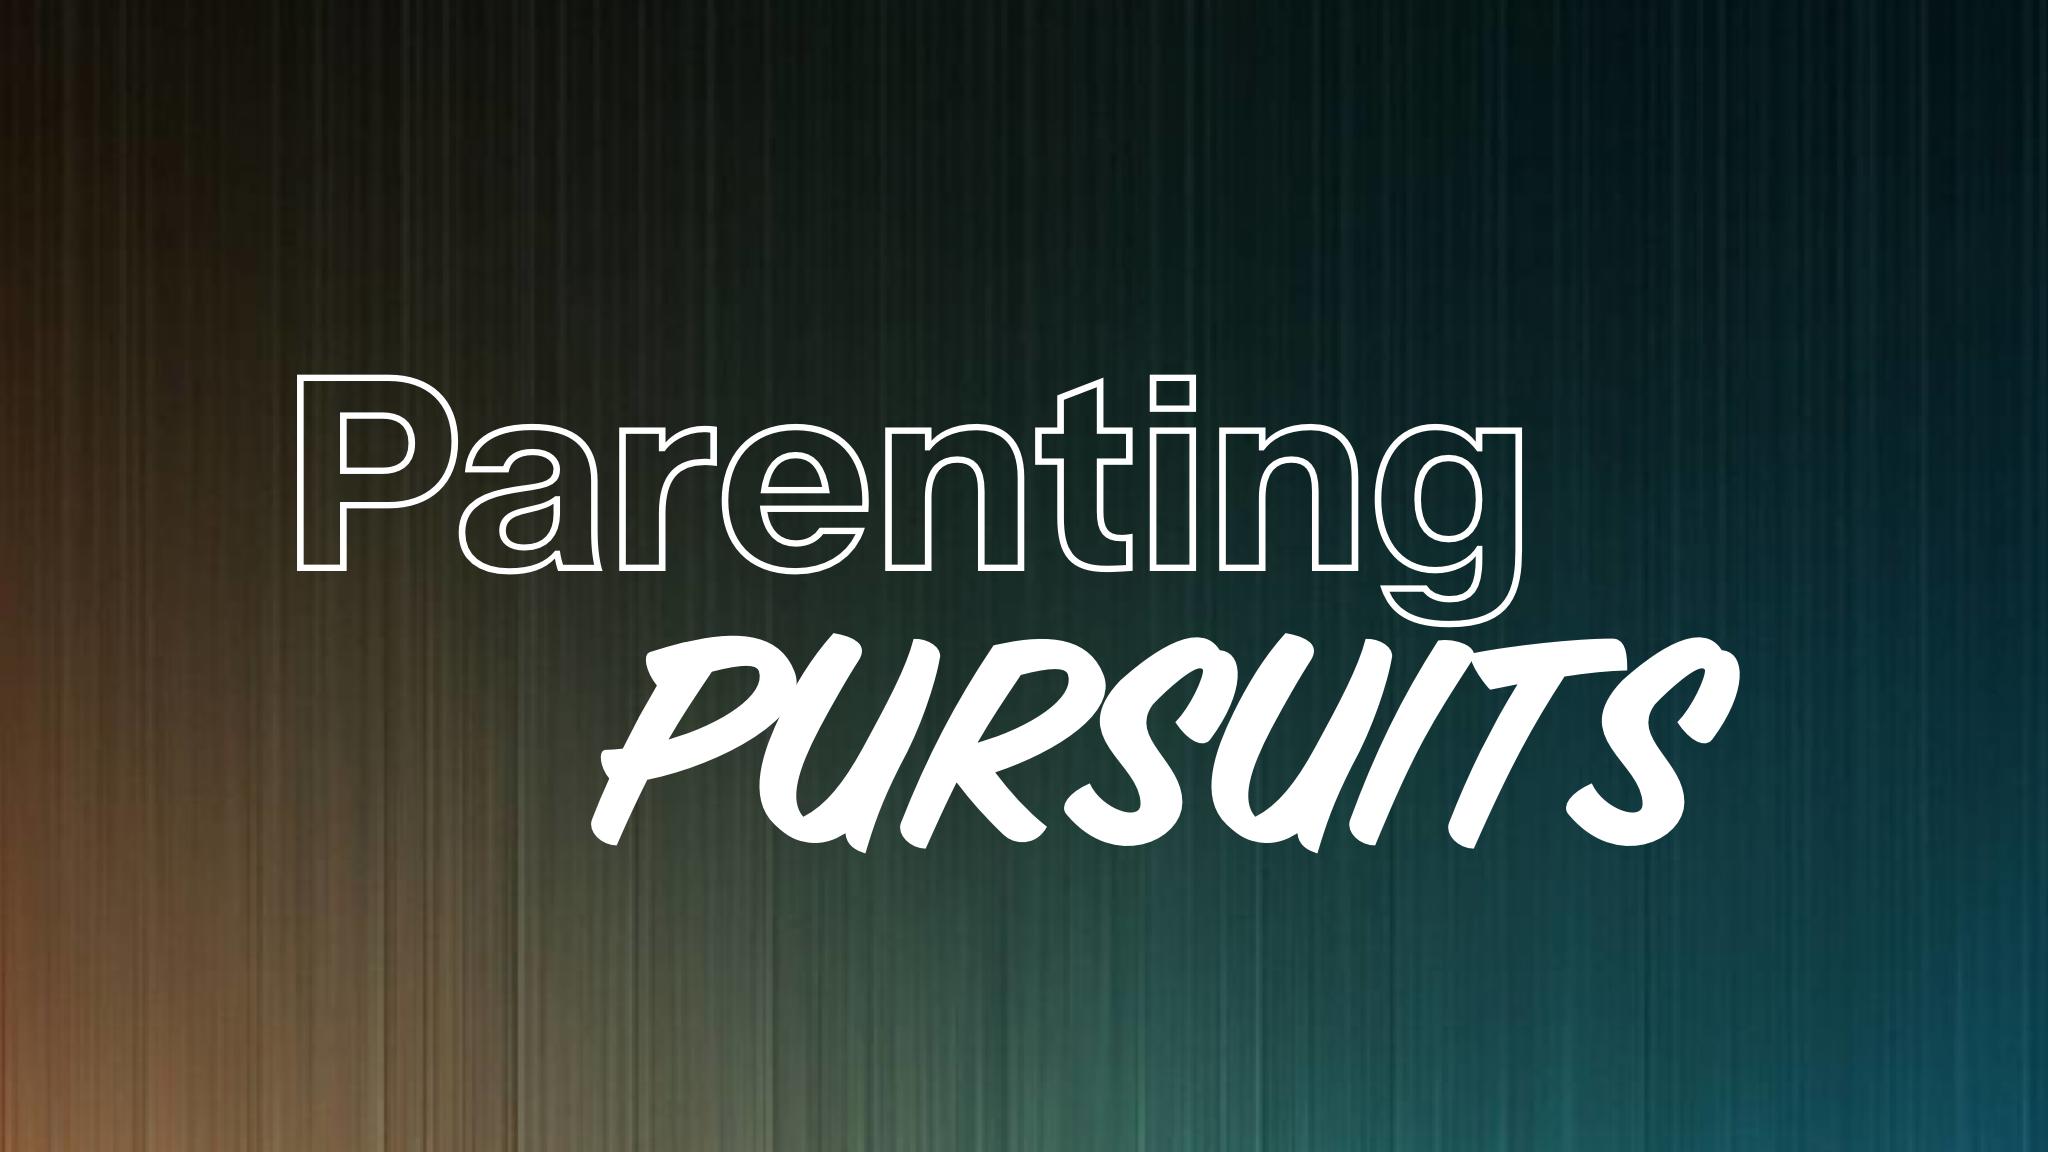 Parenting Pursuits Image